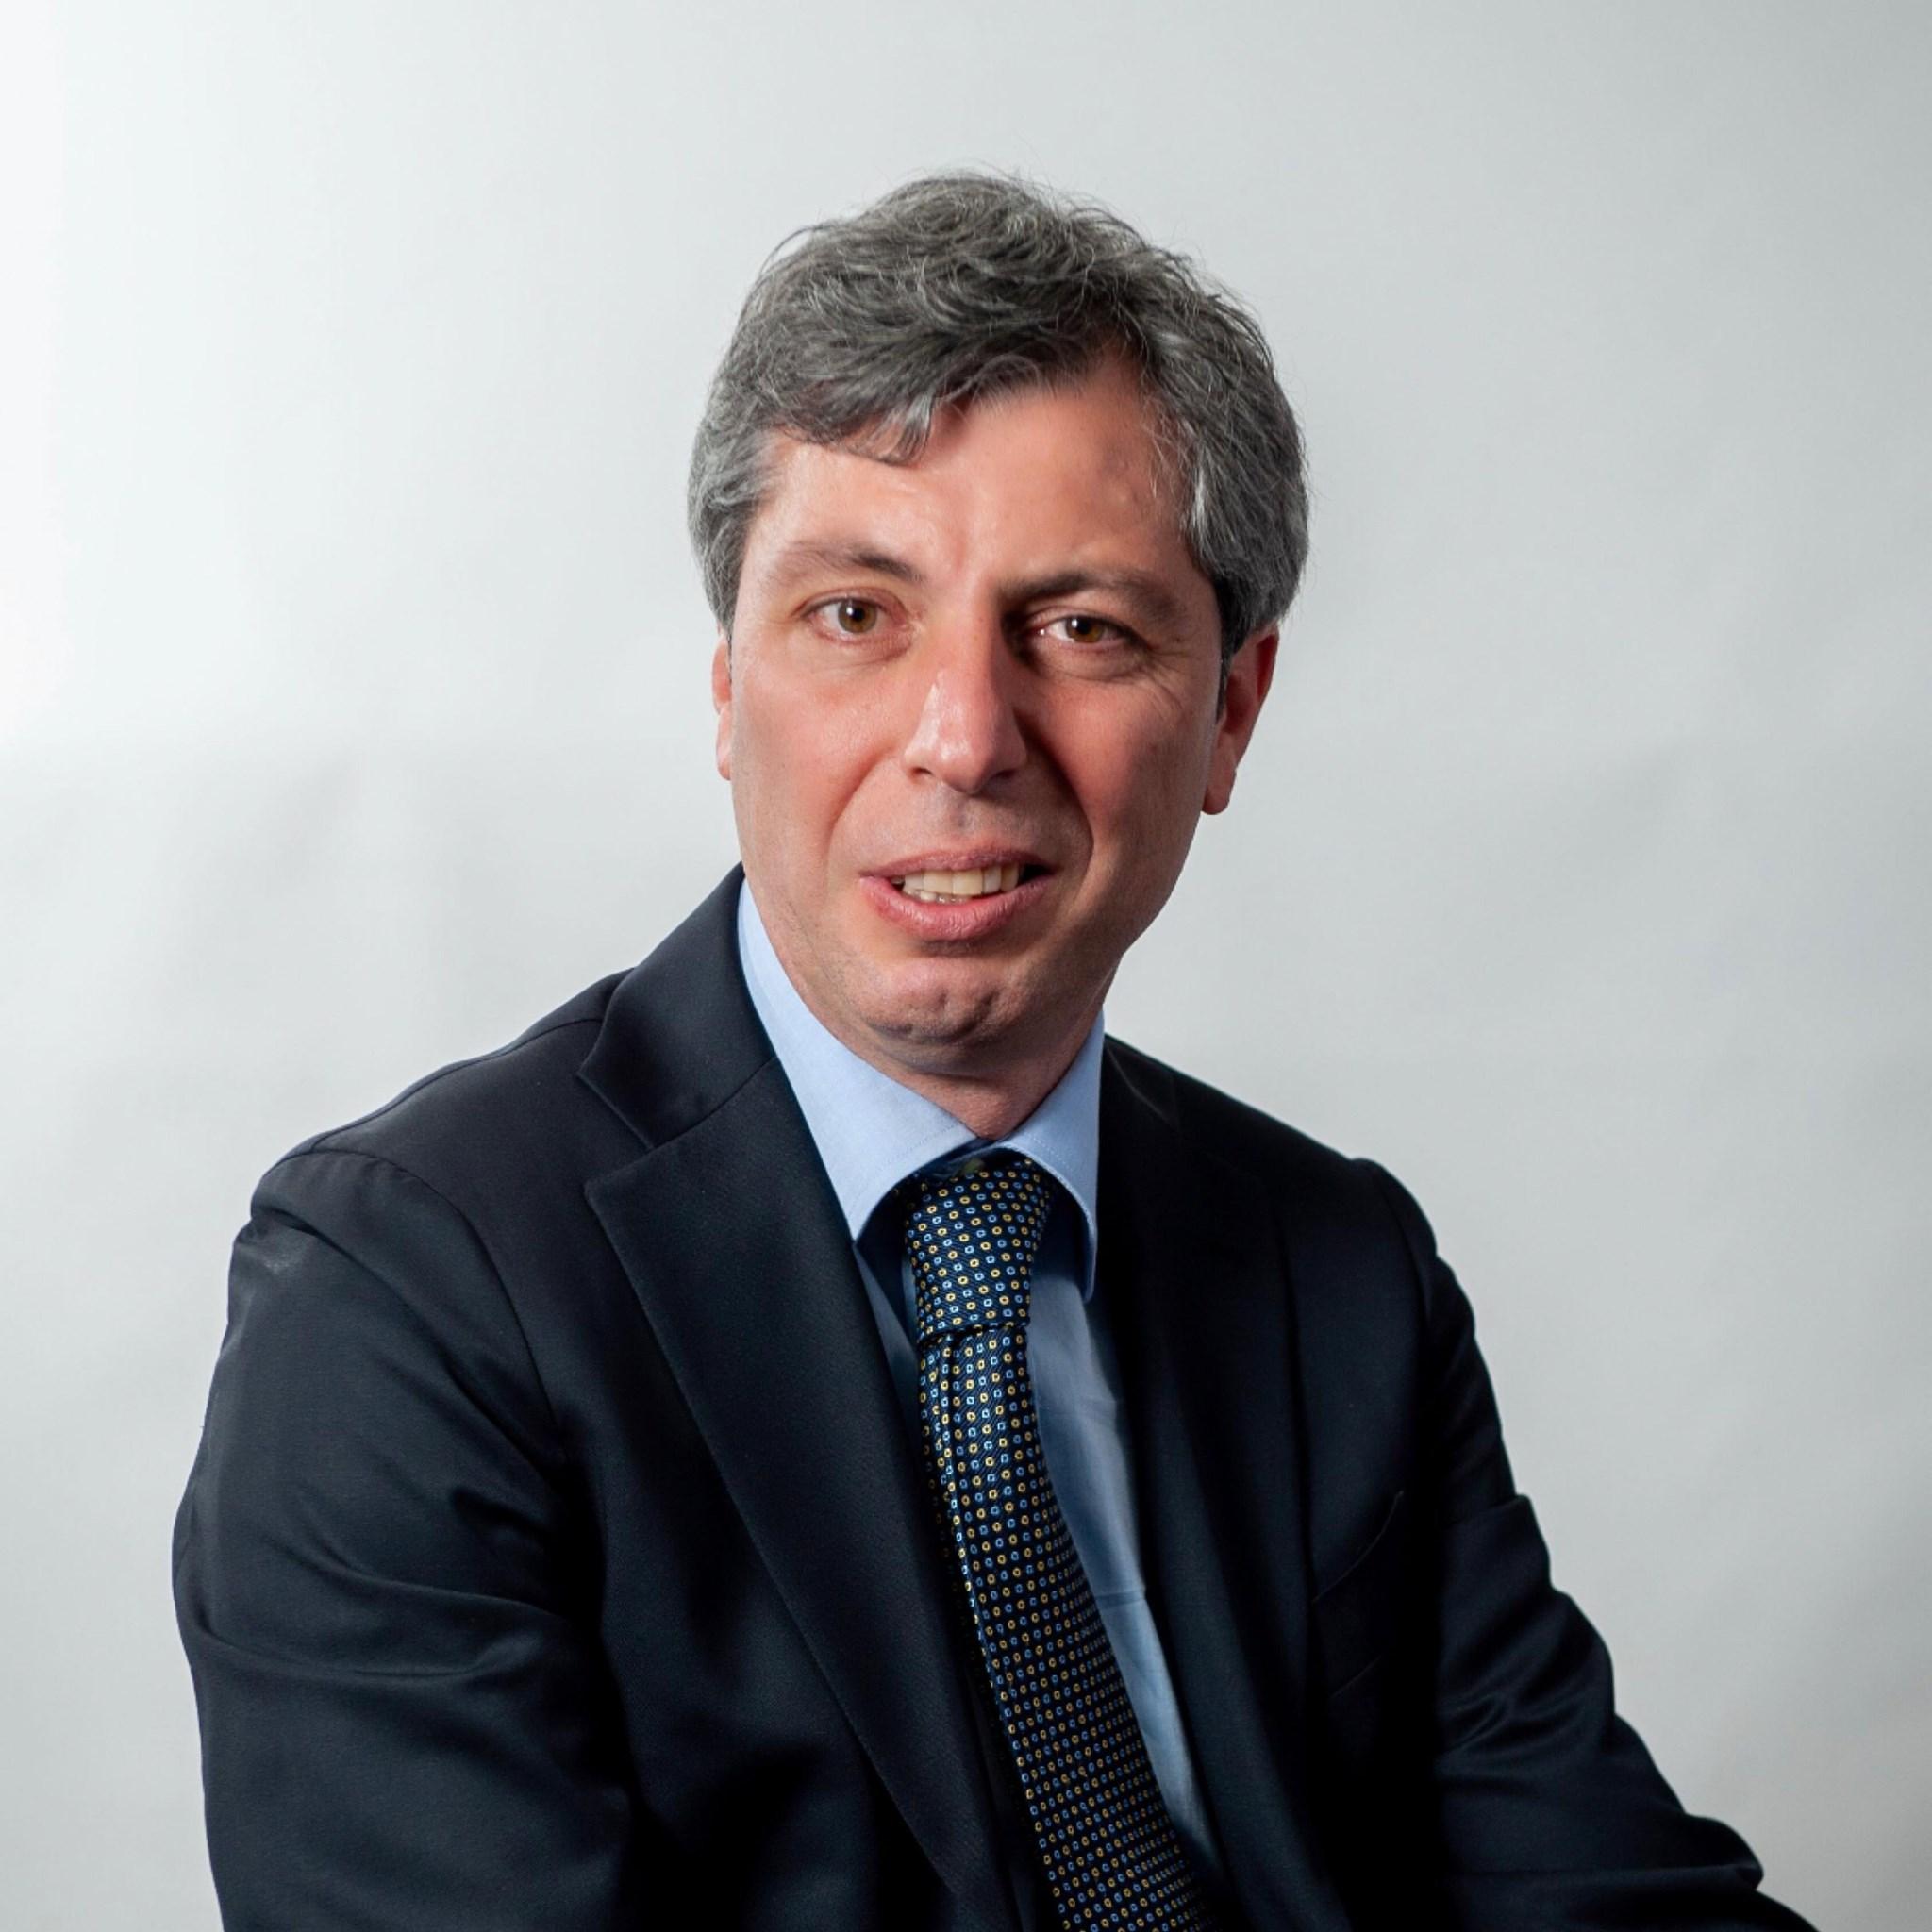 Il progetto di un canile intercomunale nel programma elettorale di Gaetano Di Chiara